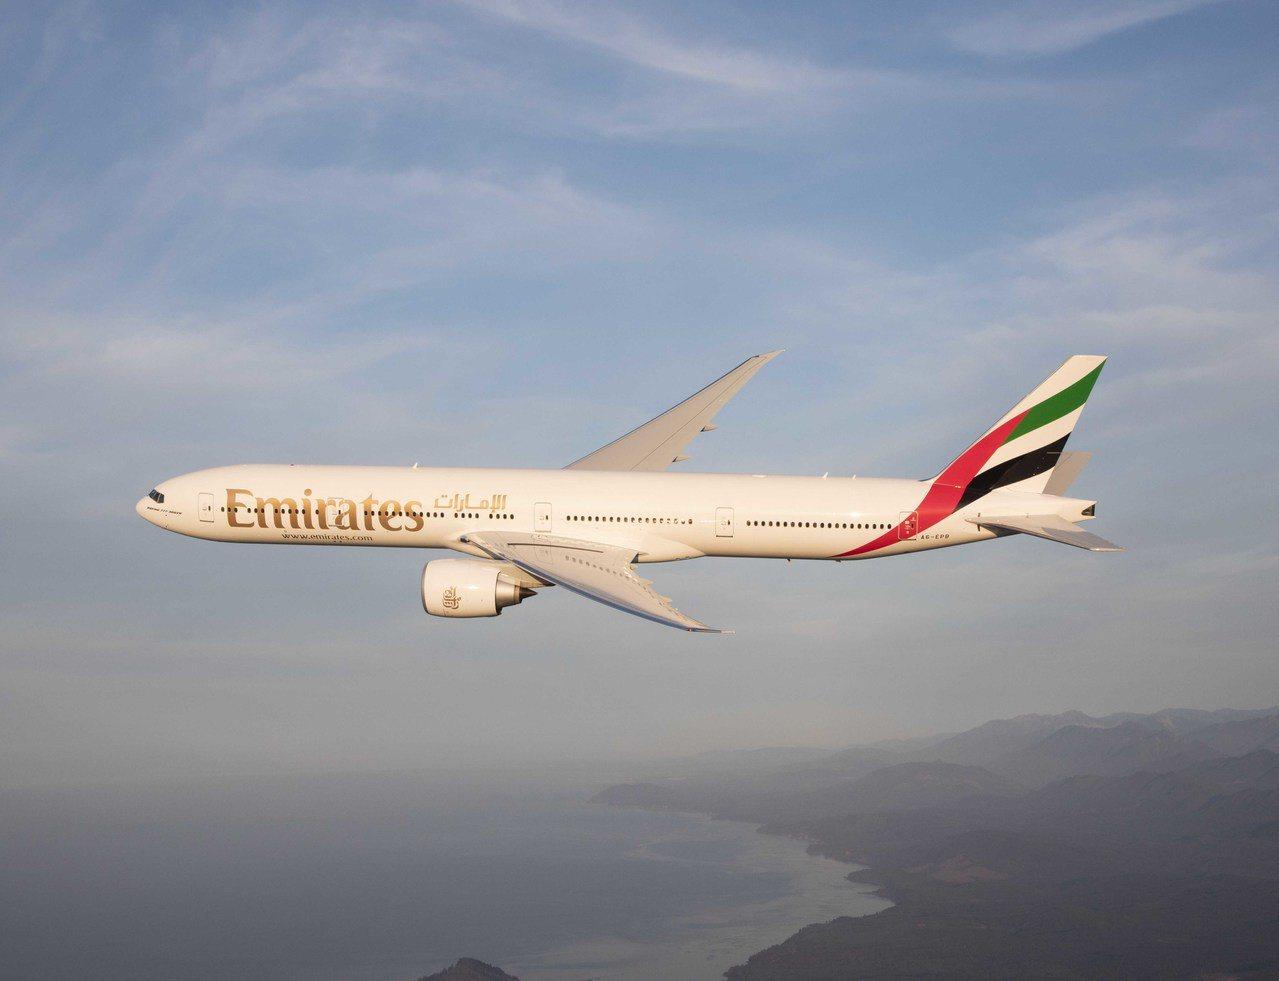 阿聯酋航空現推出英國與愛爾蘭地區的限時優惠票價,經濟艙票價自台幣6,888(未稅...